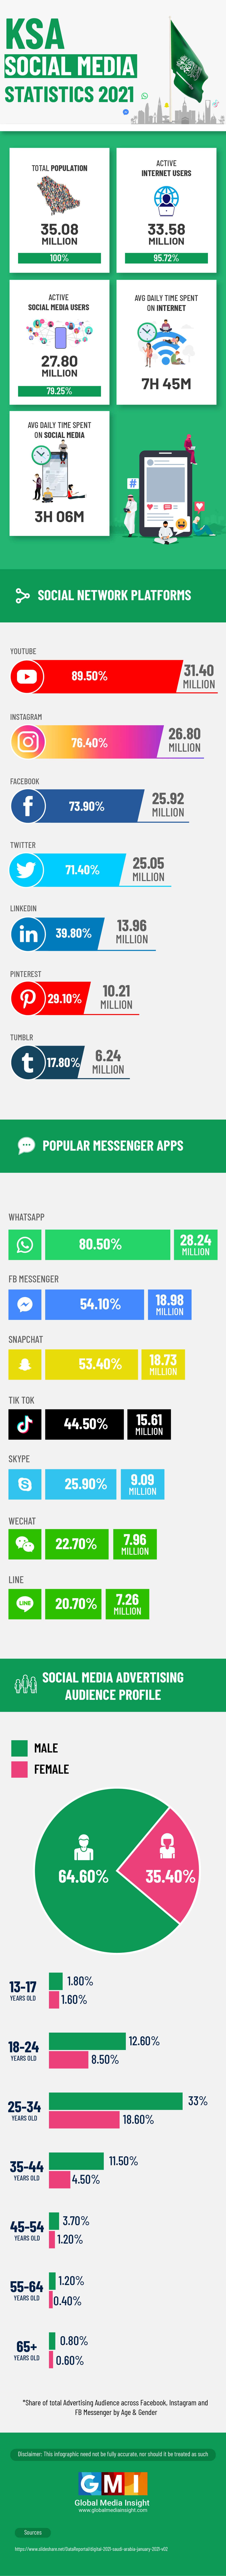 KSA Social Media Statistics